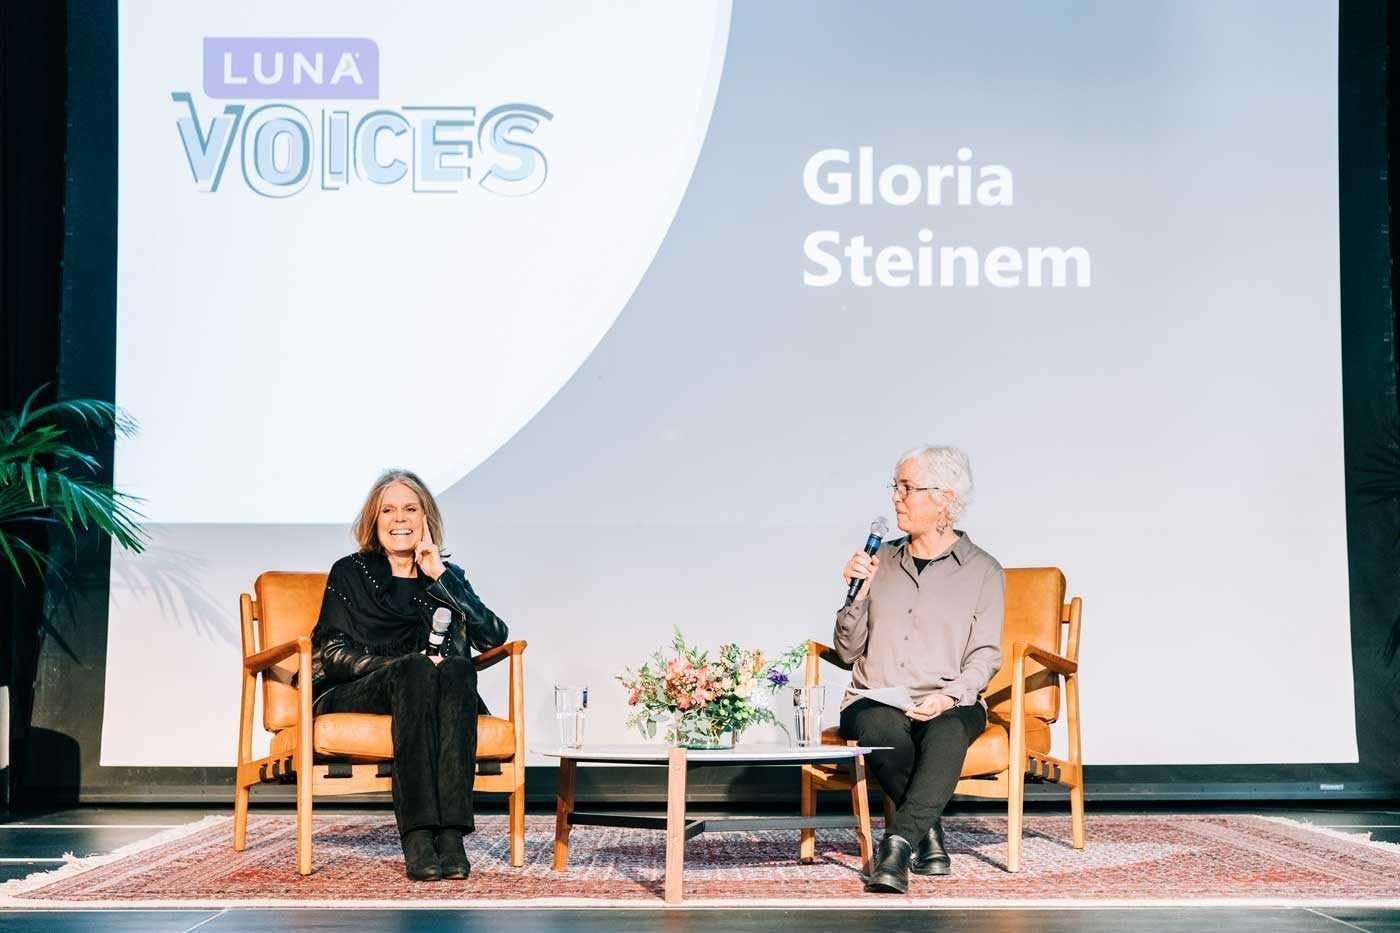 Gloria Steinem on stage